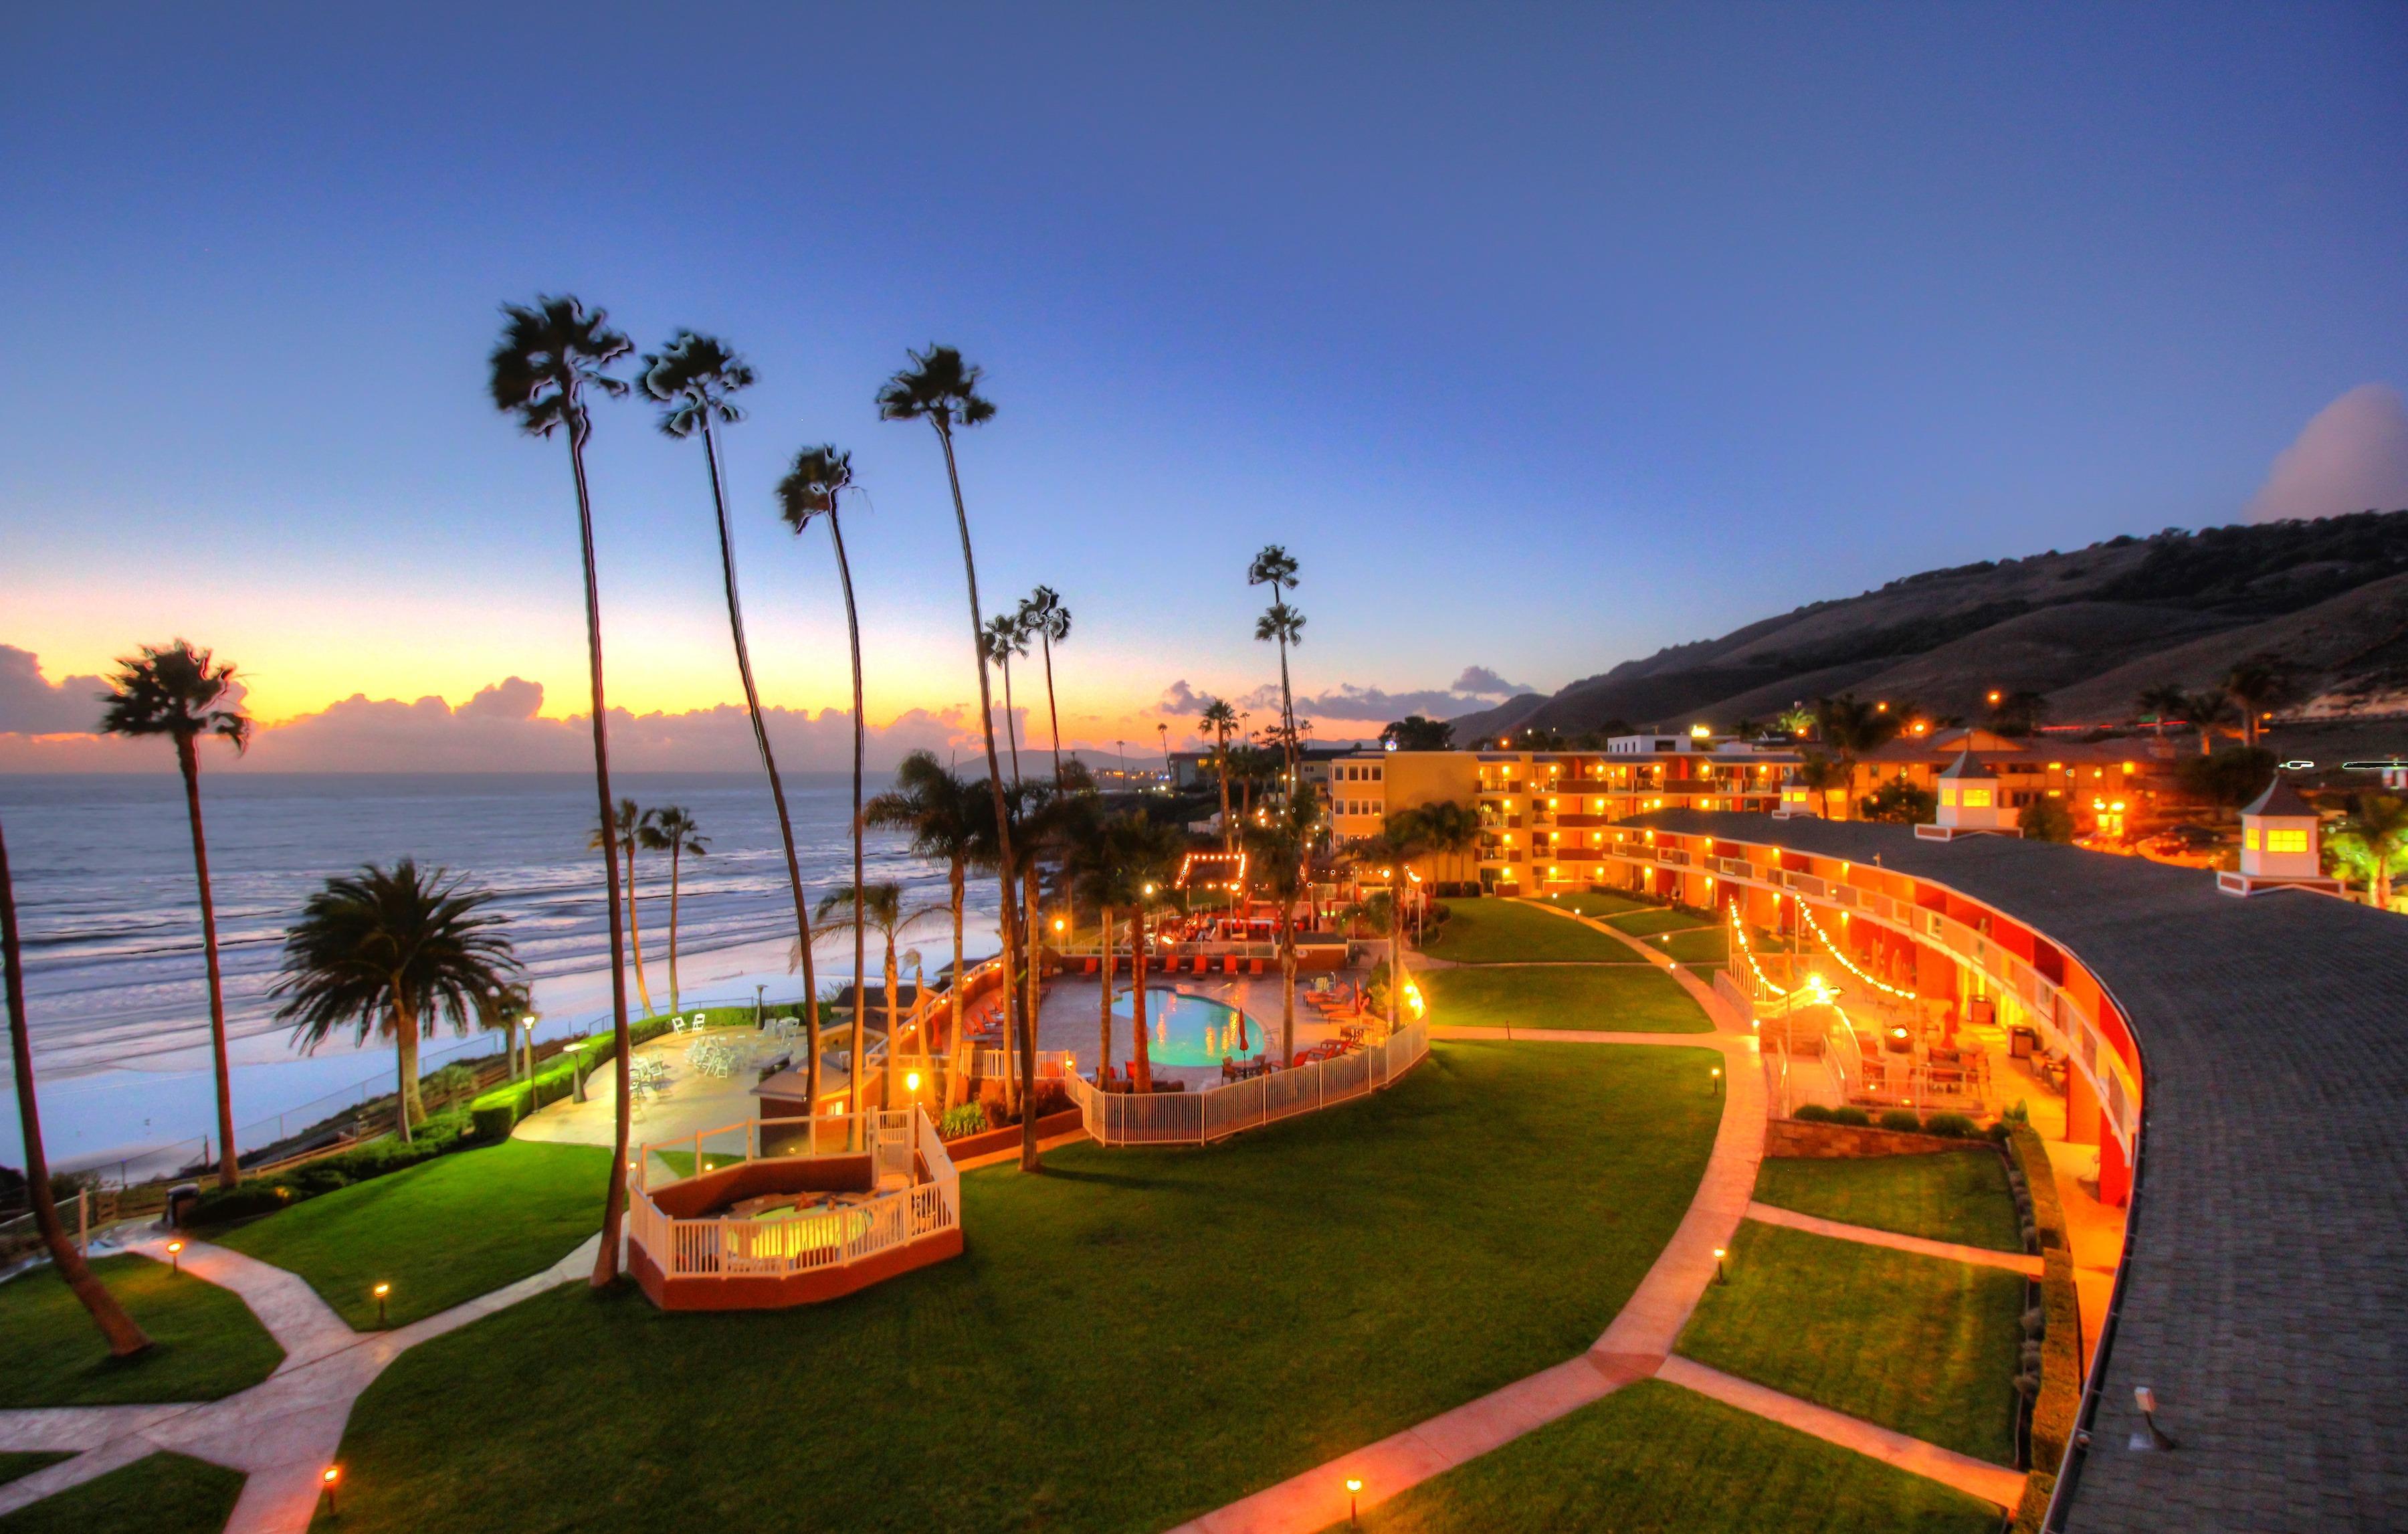 SeaCrest OceanFront Hotel image 1